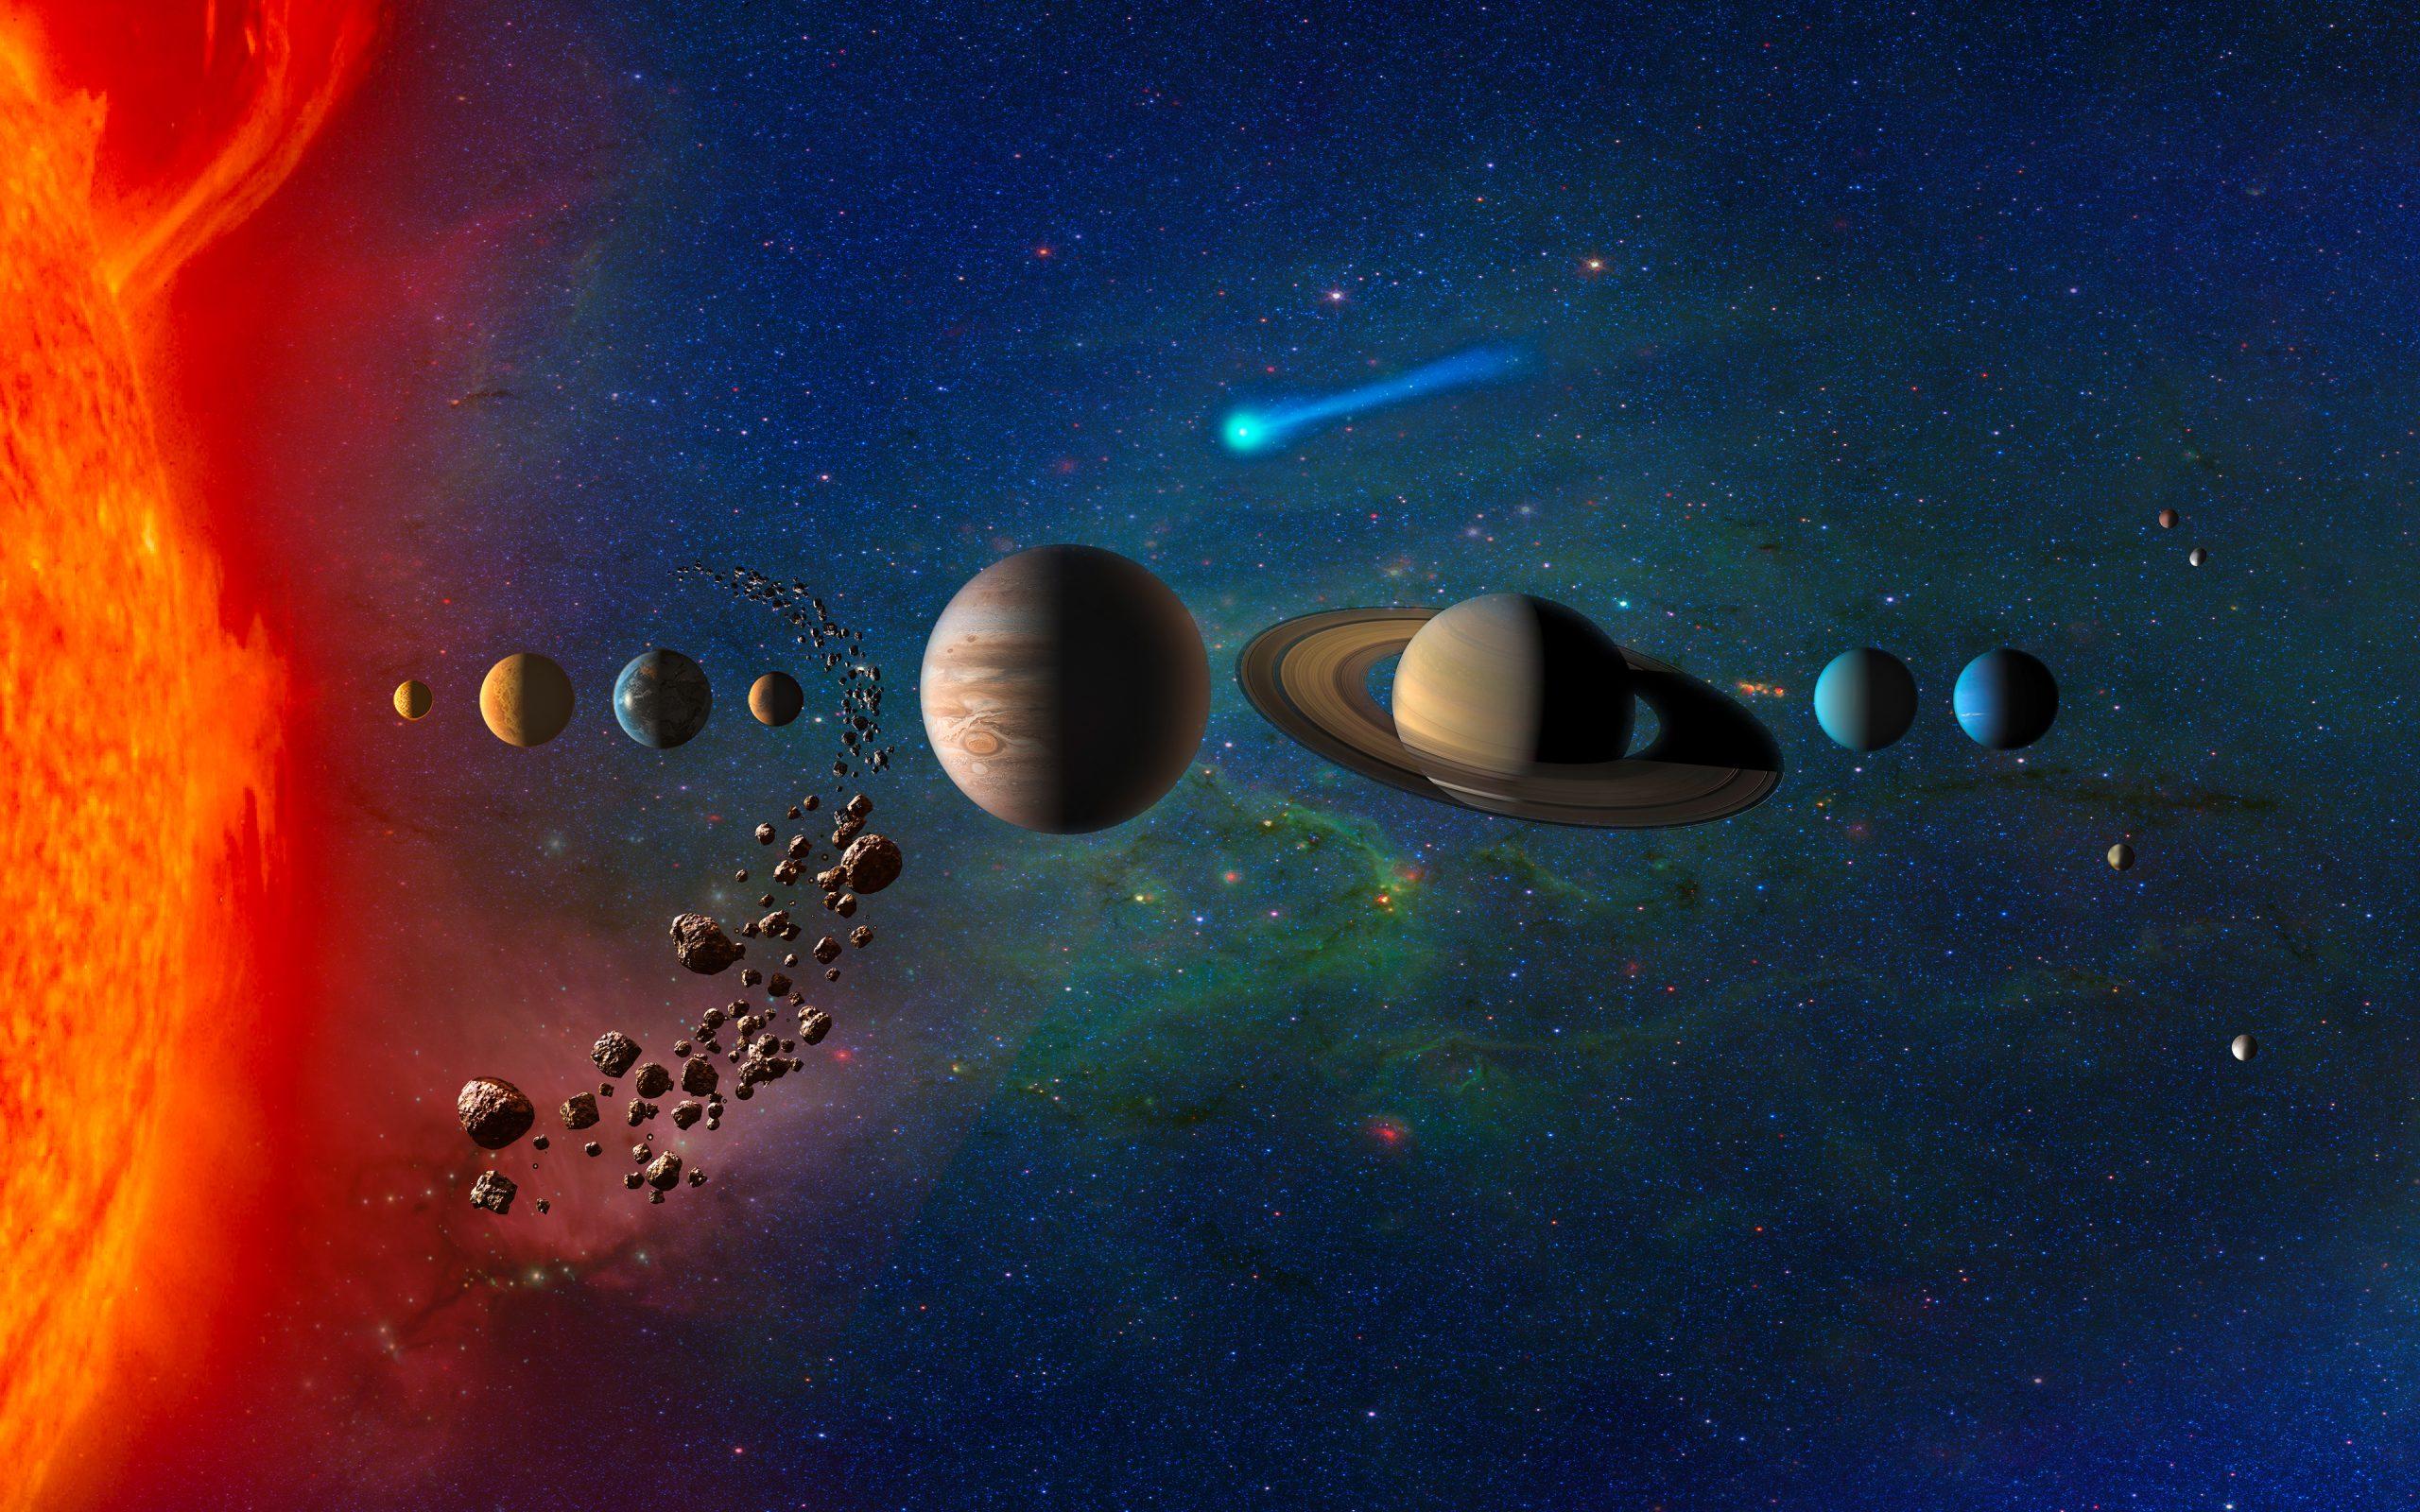 В финал конкурса NASA по программе Discovery вышли миссии к Венере, Ио и спутнику Нептуна